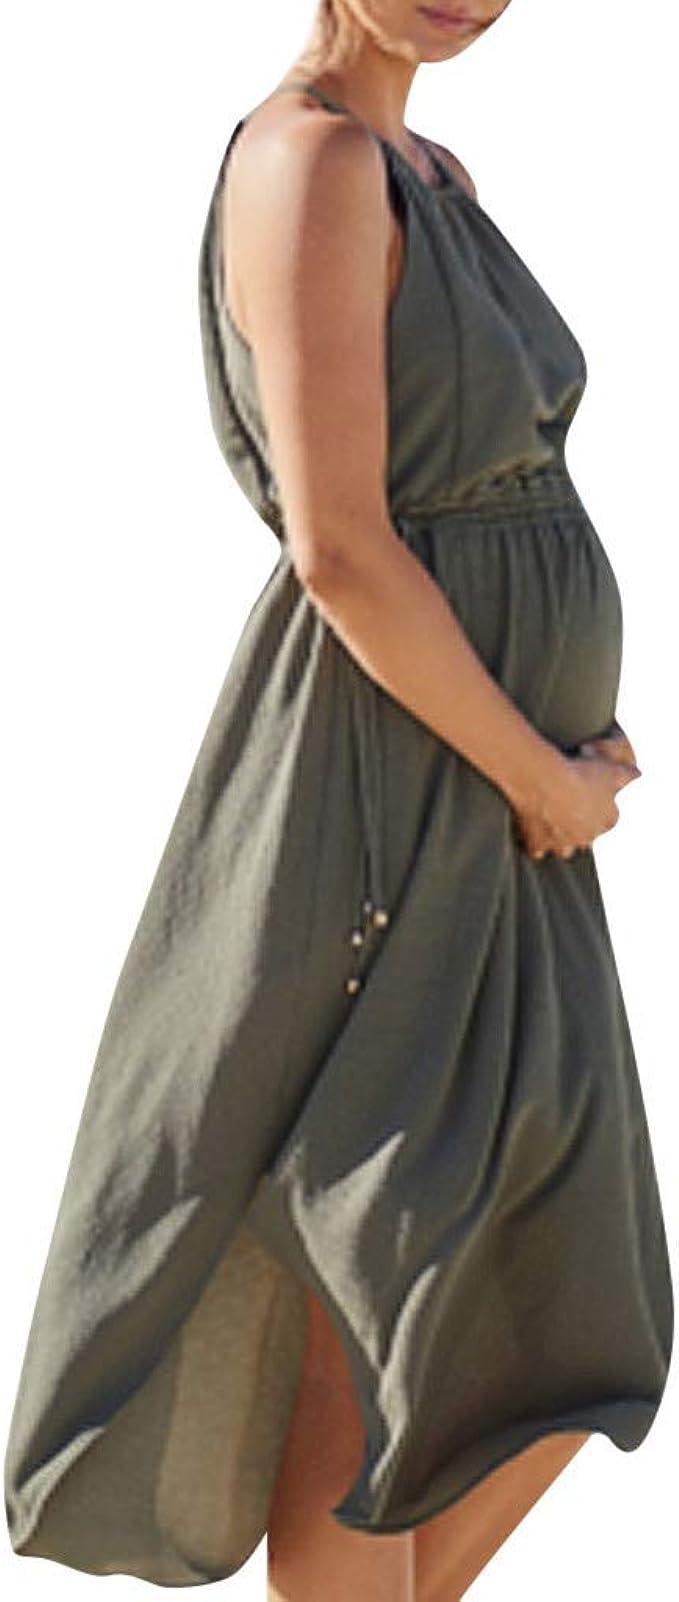 Mujeres sin Mangas Vestido de Maternidad Embarazada Falda sólida ...